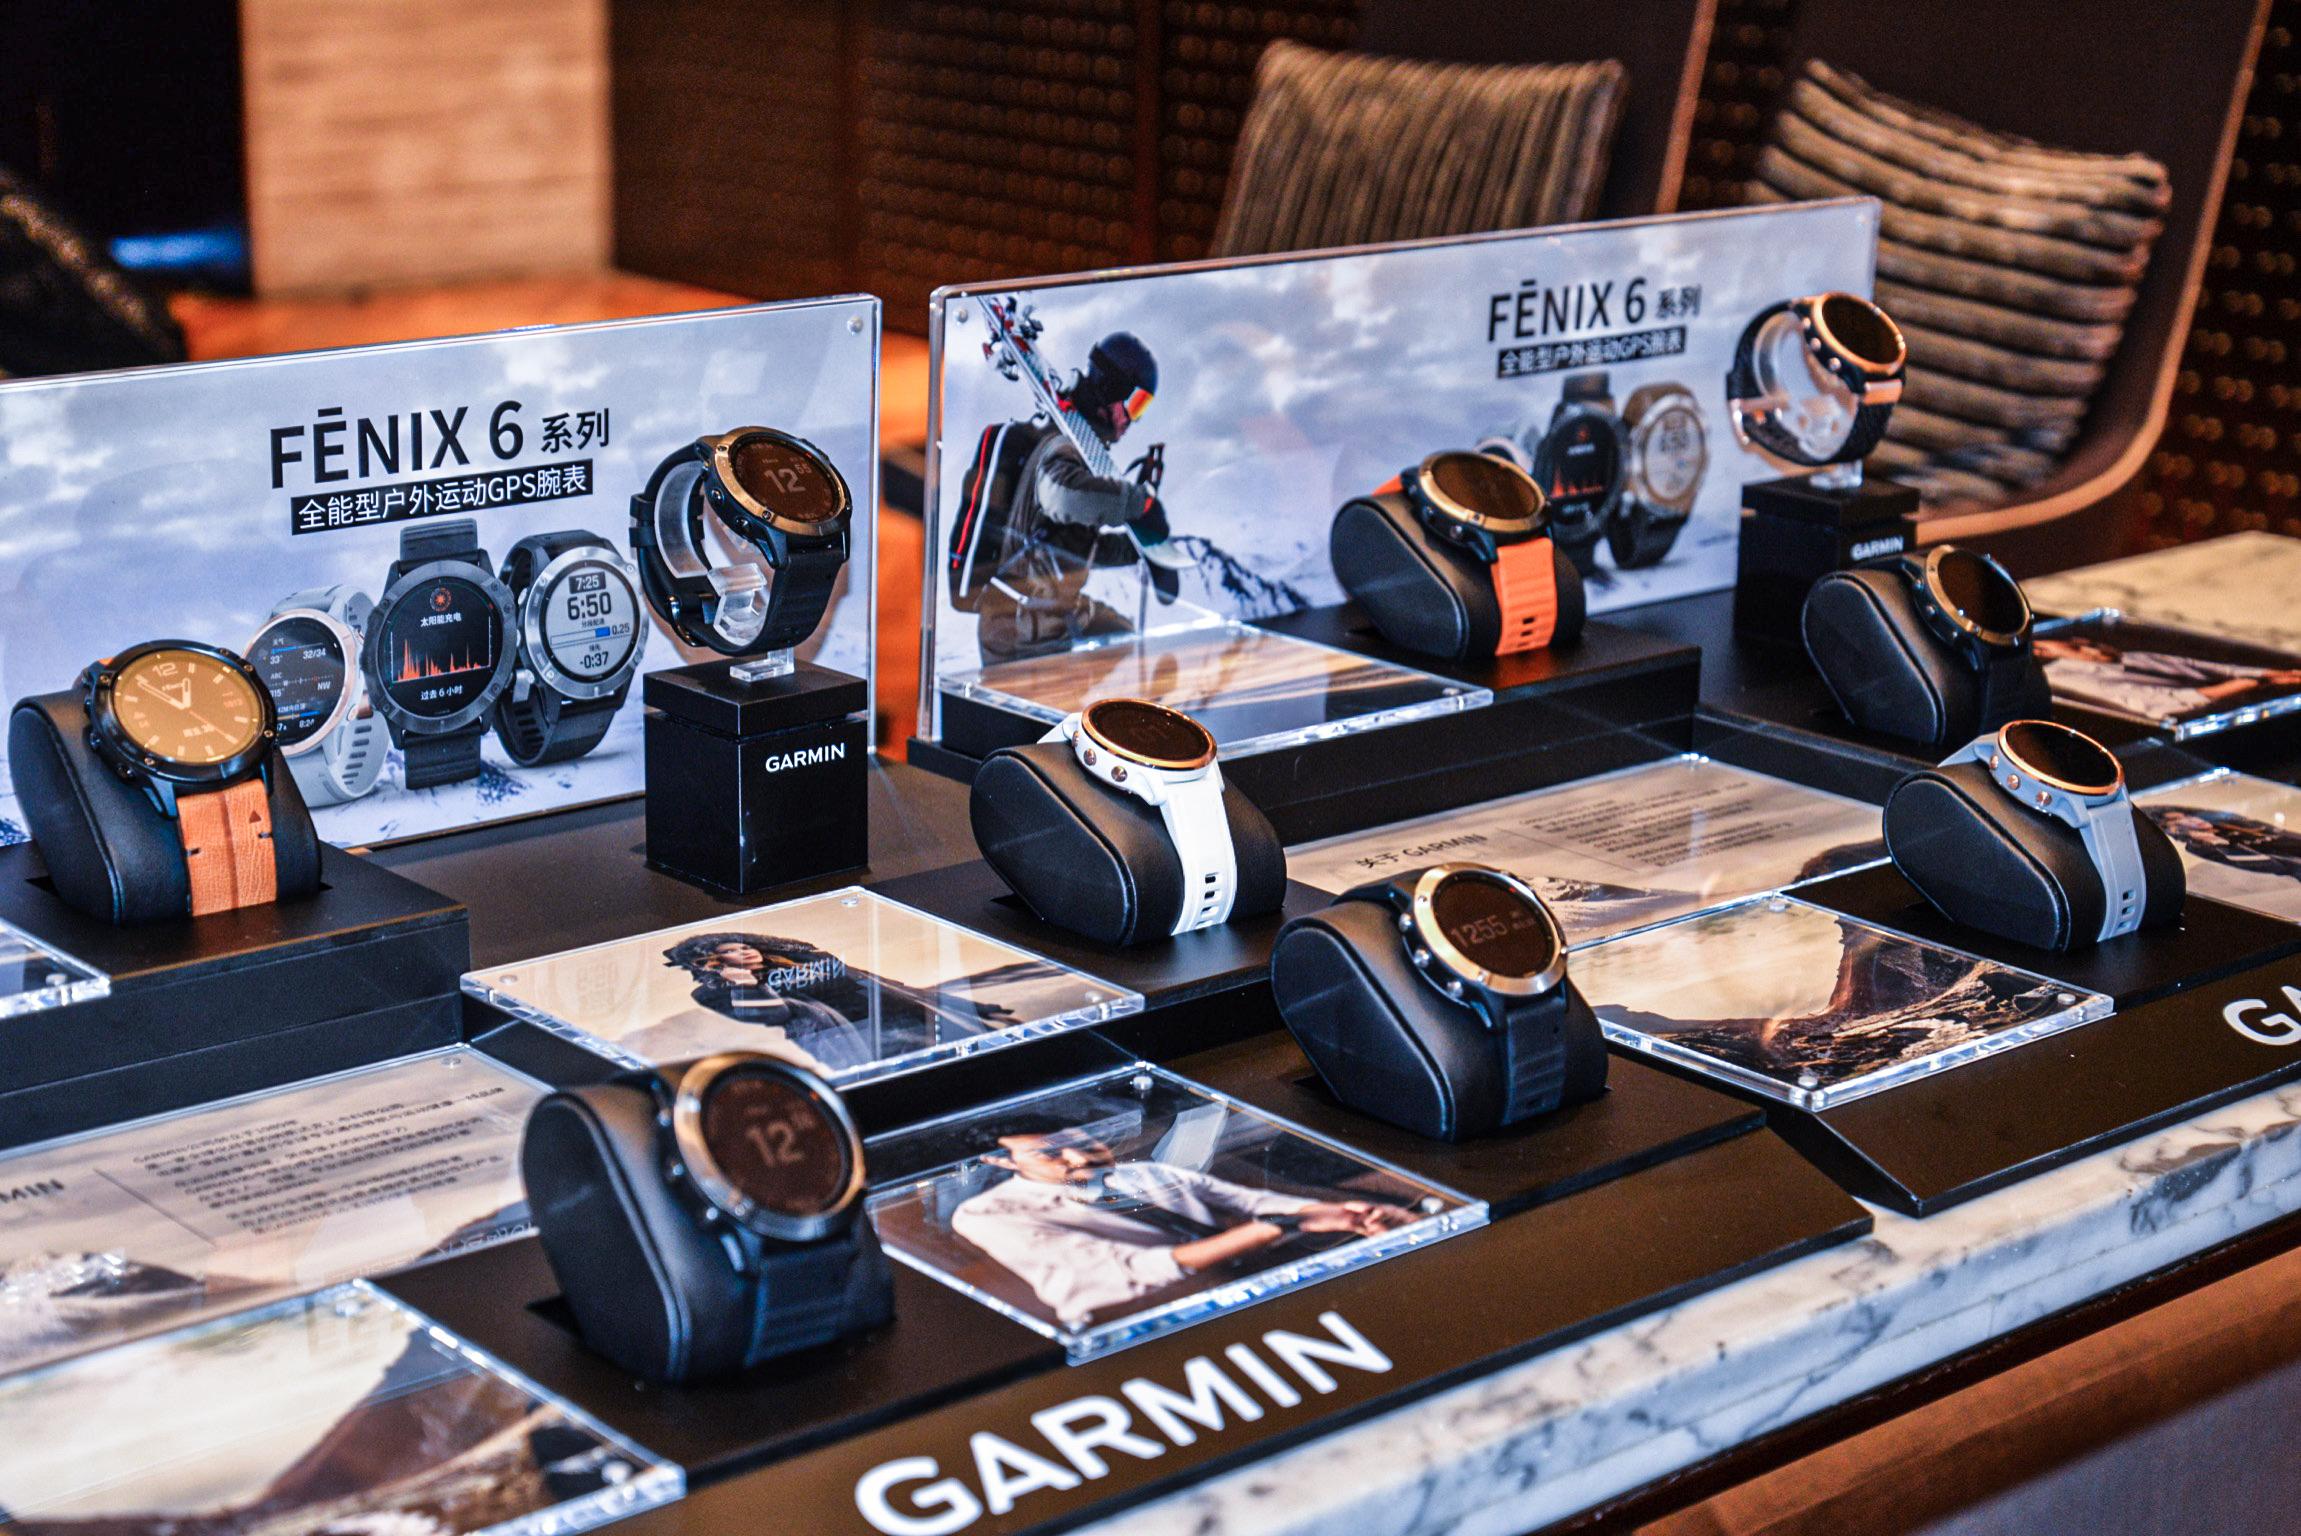 户外之选, fēnix 6 系列腕表正式发布